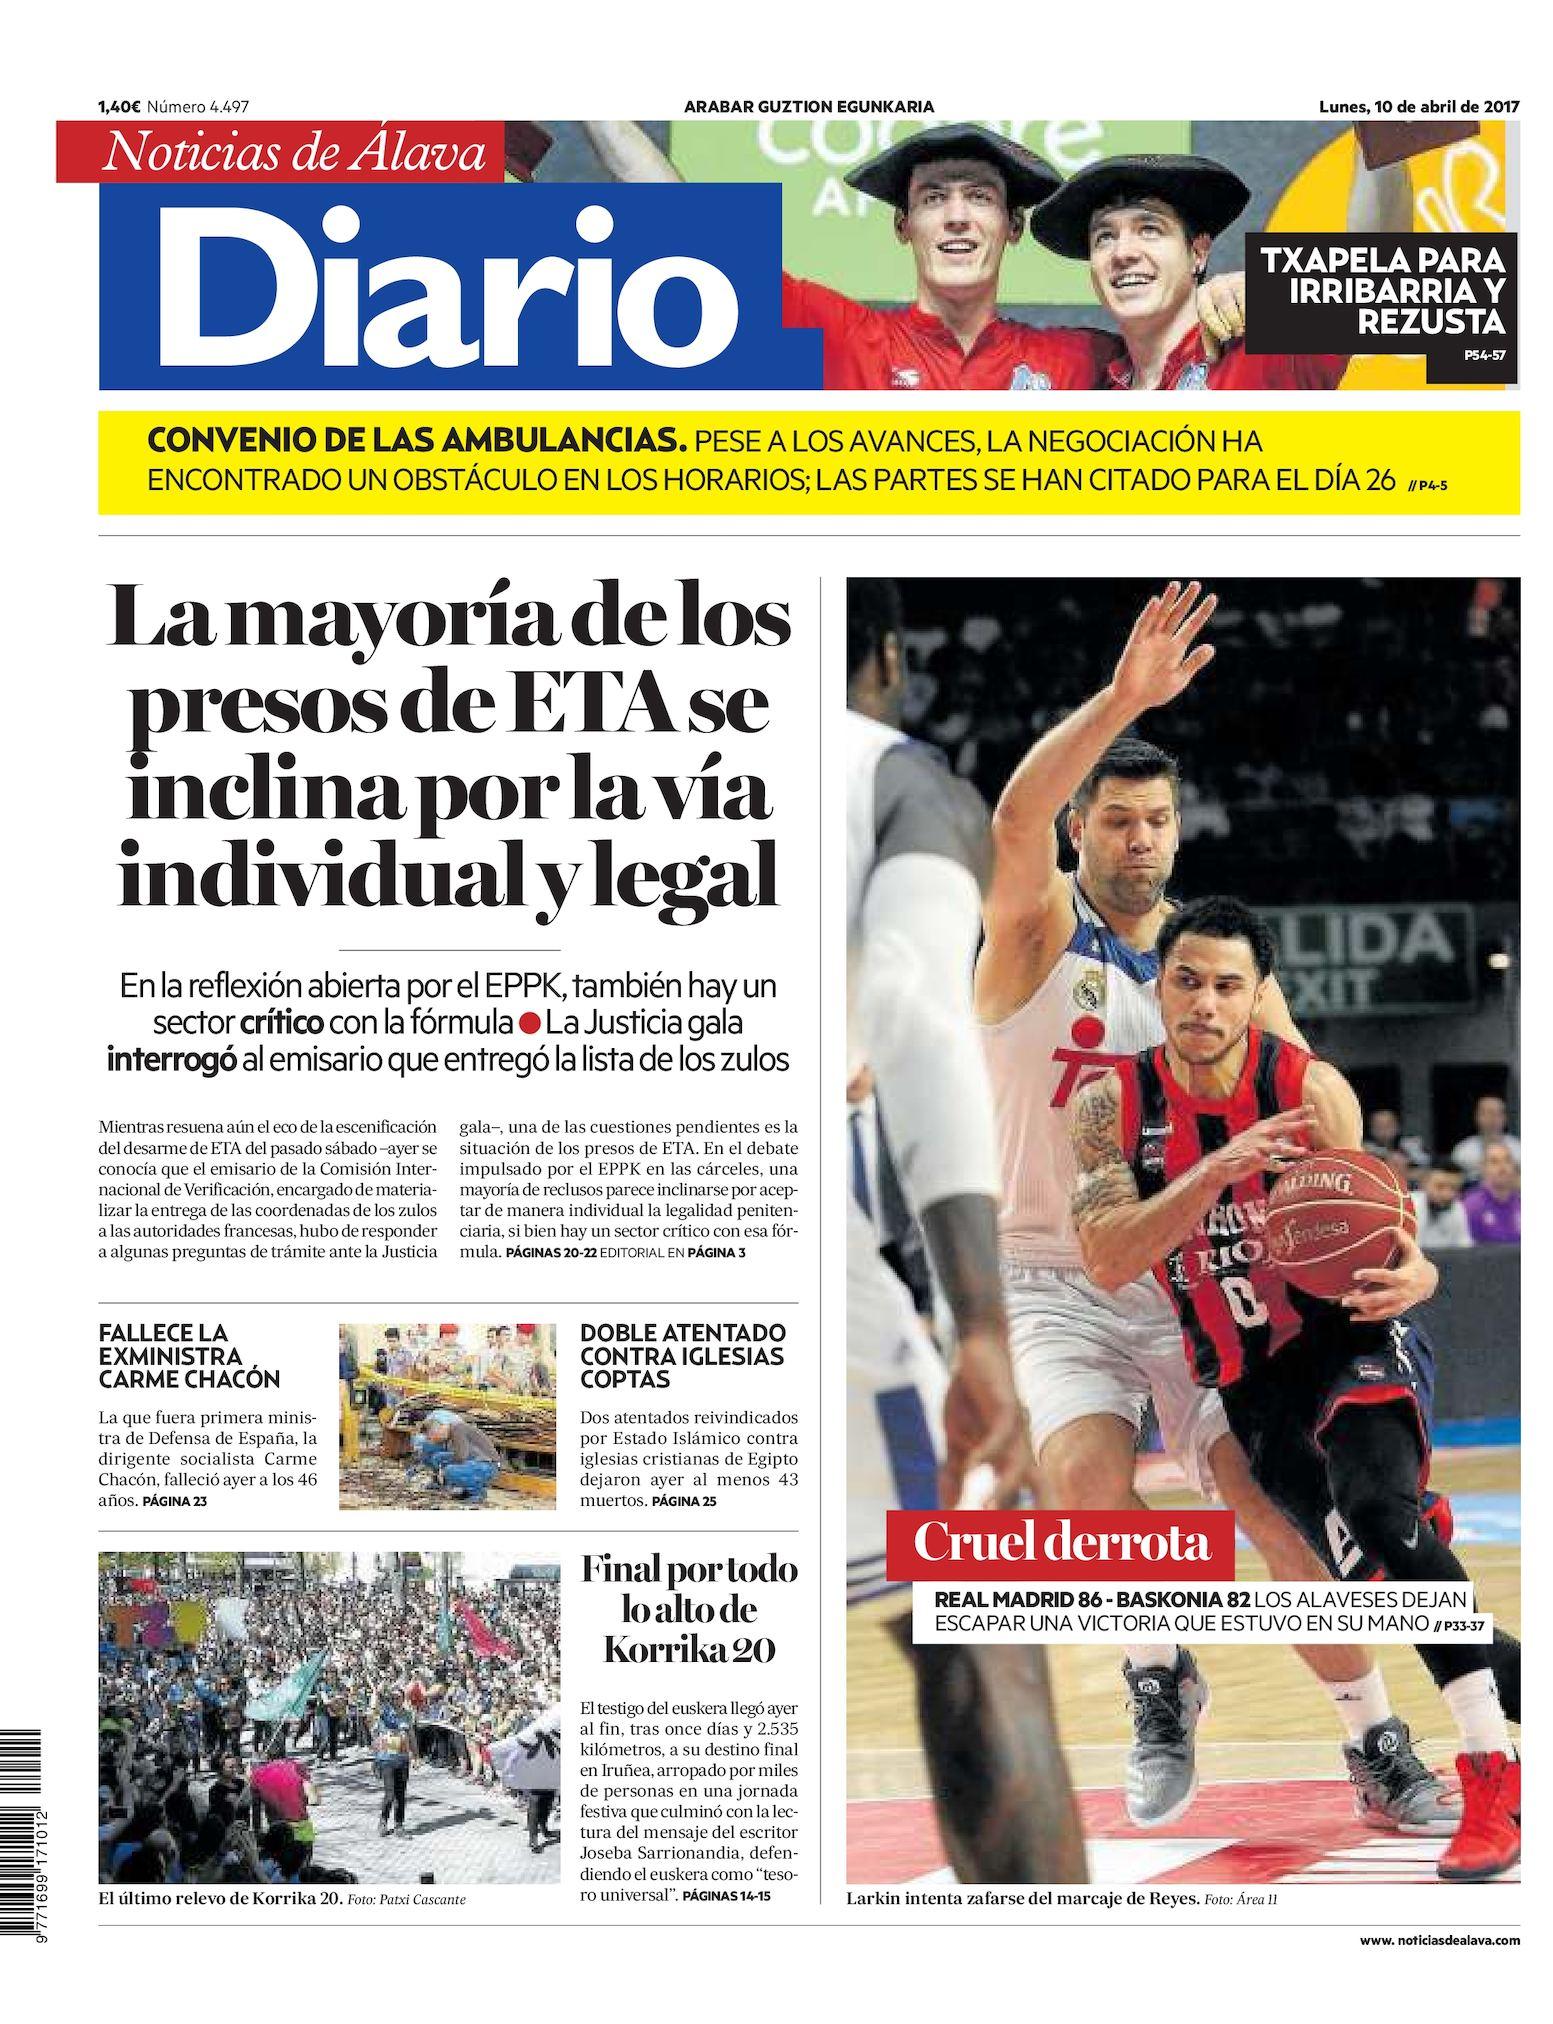 ed71a8731 Calaméo - Diario de Noticias de Álava 20170410